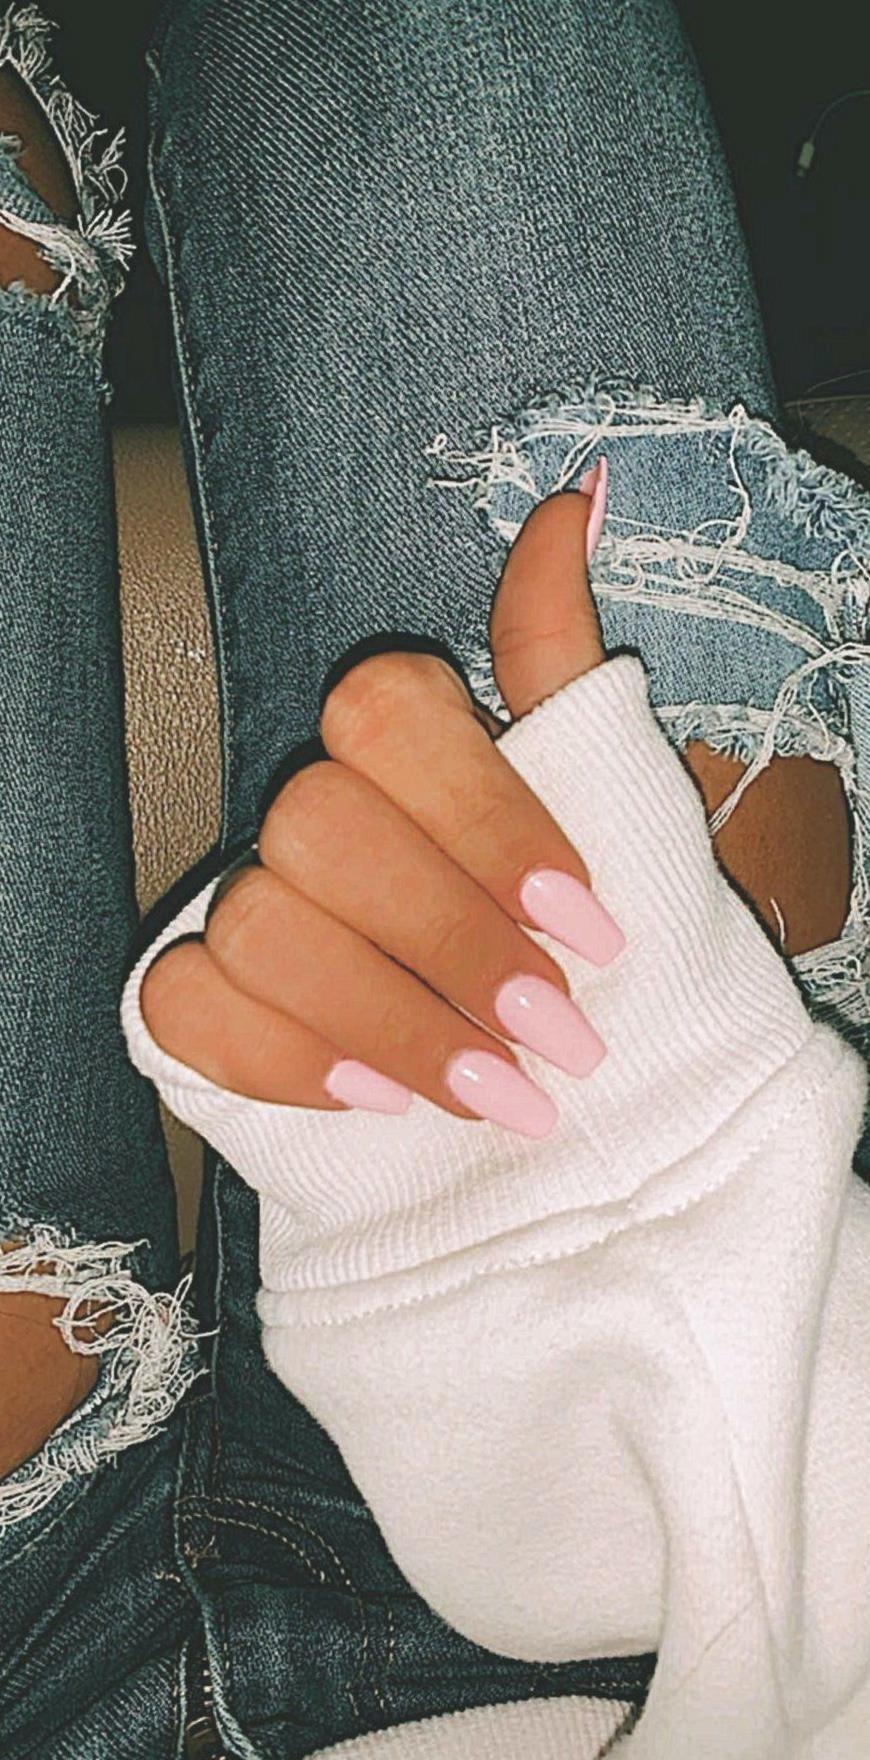 Acrylngel Pastell Sarg Was sind die neuesten Nagellacktrends Acrylngel Sarg  acrylnagel  nagellacktr